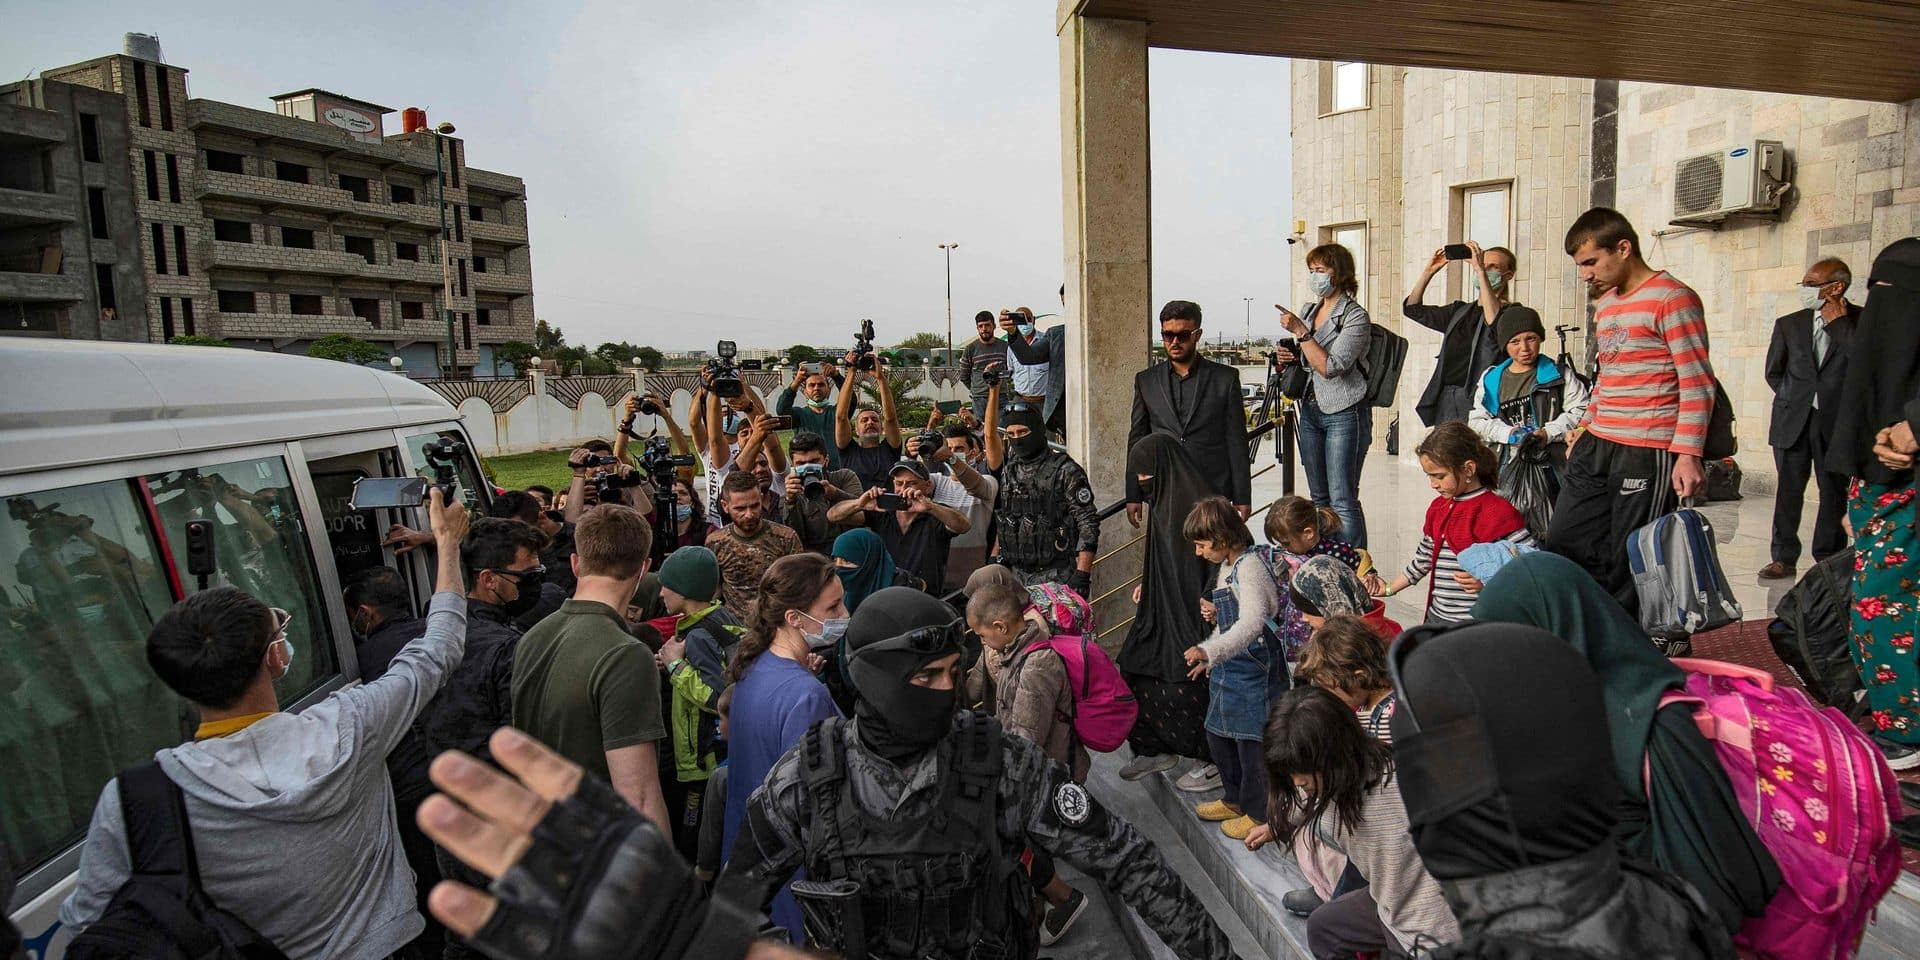 27 enfants de camps syriens pourraient être soumis à un test ADN avant un éventuel rapatriement vers la Belgique